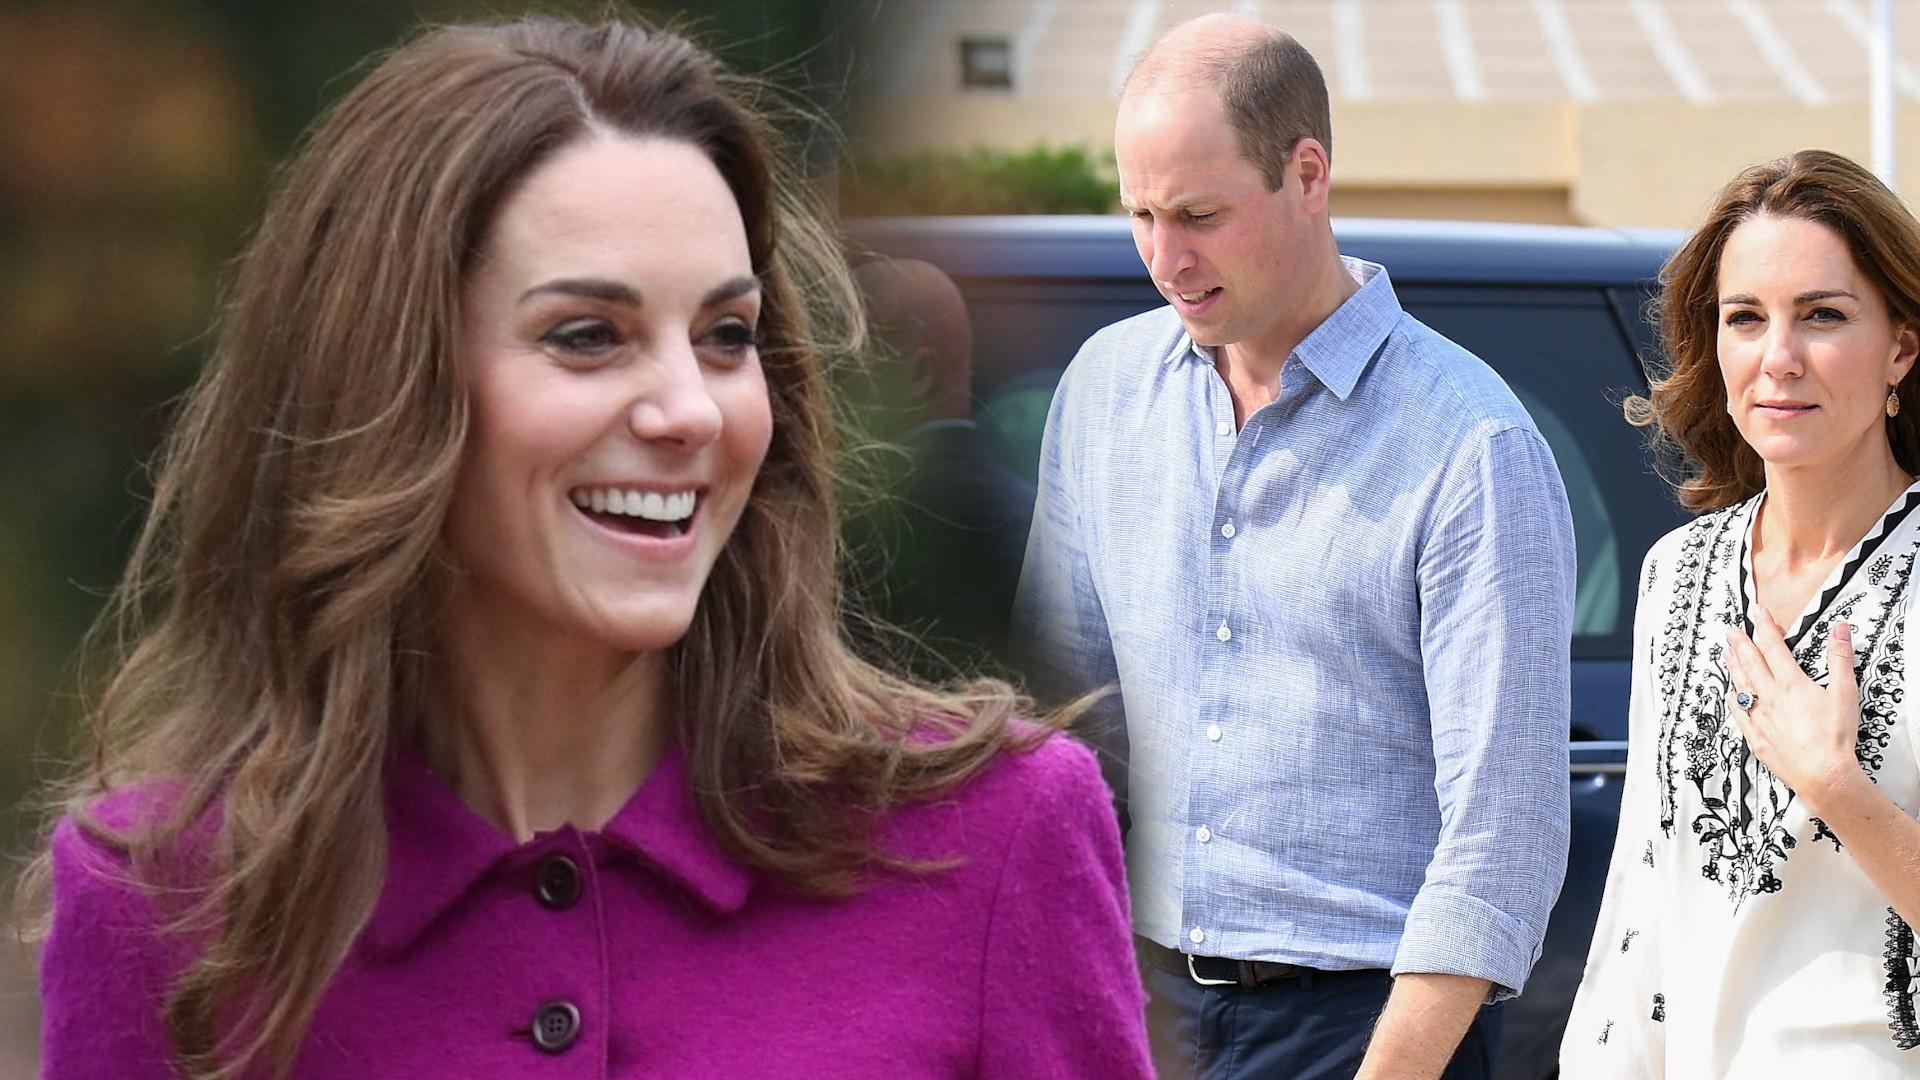 OŚWIADCZENIE pałacu wywołało kolejne plotki o CIĄŻY księżnej Kate